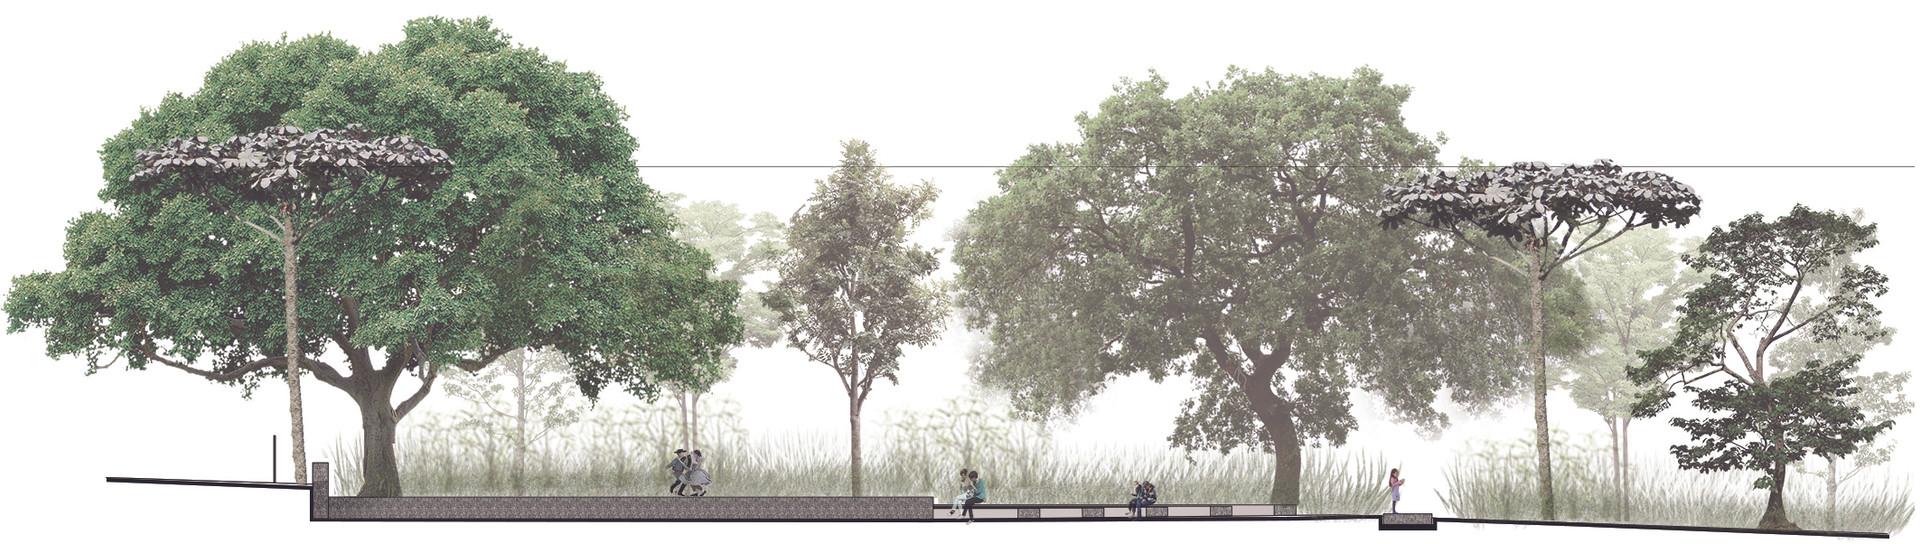 200912 Corte Aula ambiental - teatro.jpg